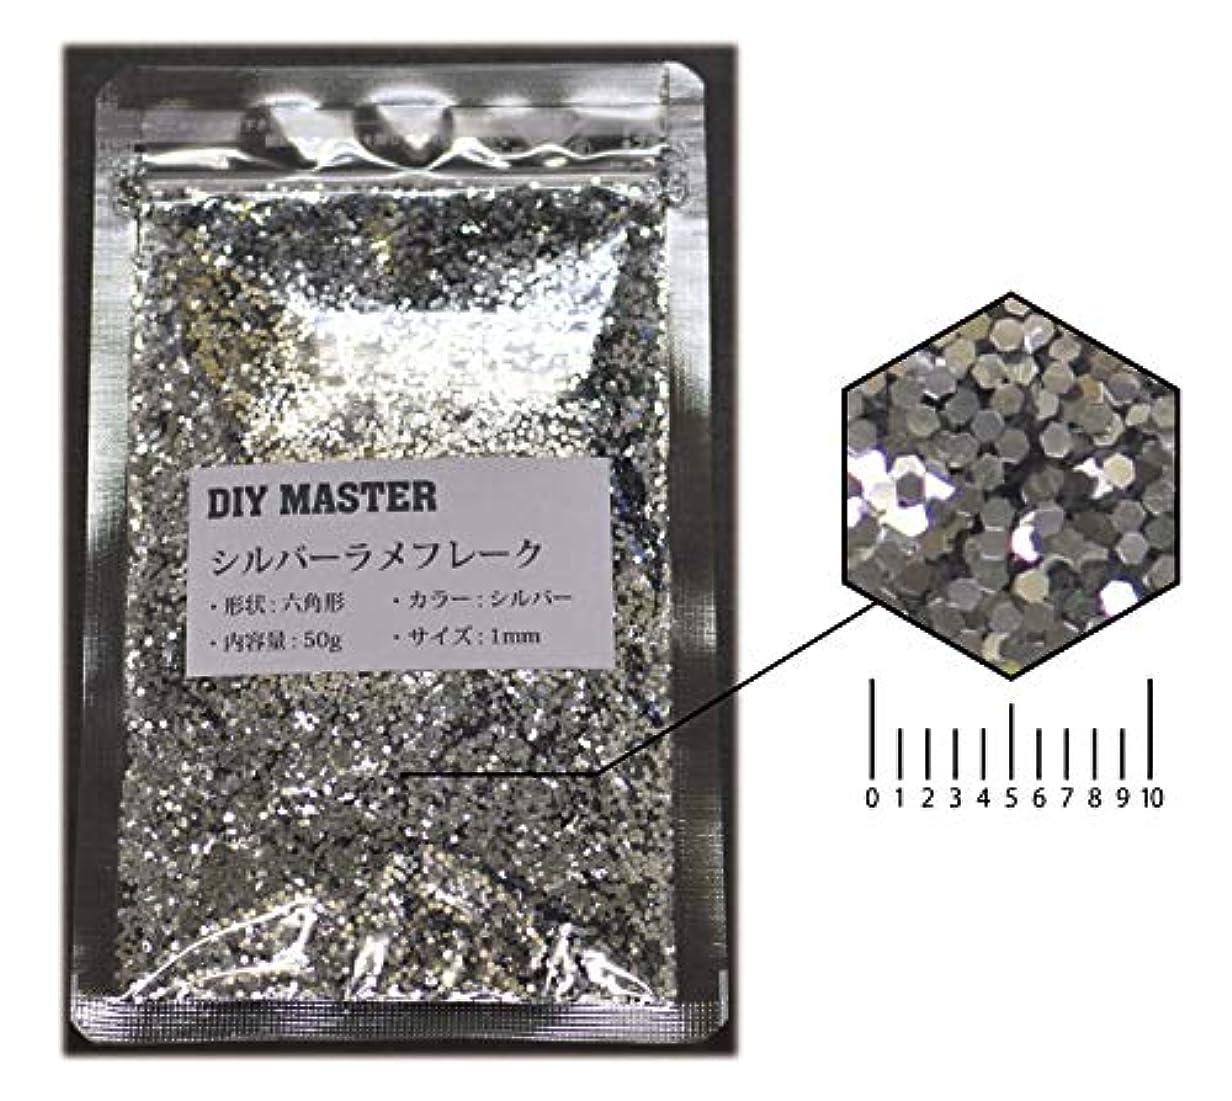 コントラスト繁殖掃除DIY MASTER シルバー ラメフレーク 1mm 50g